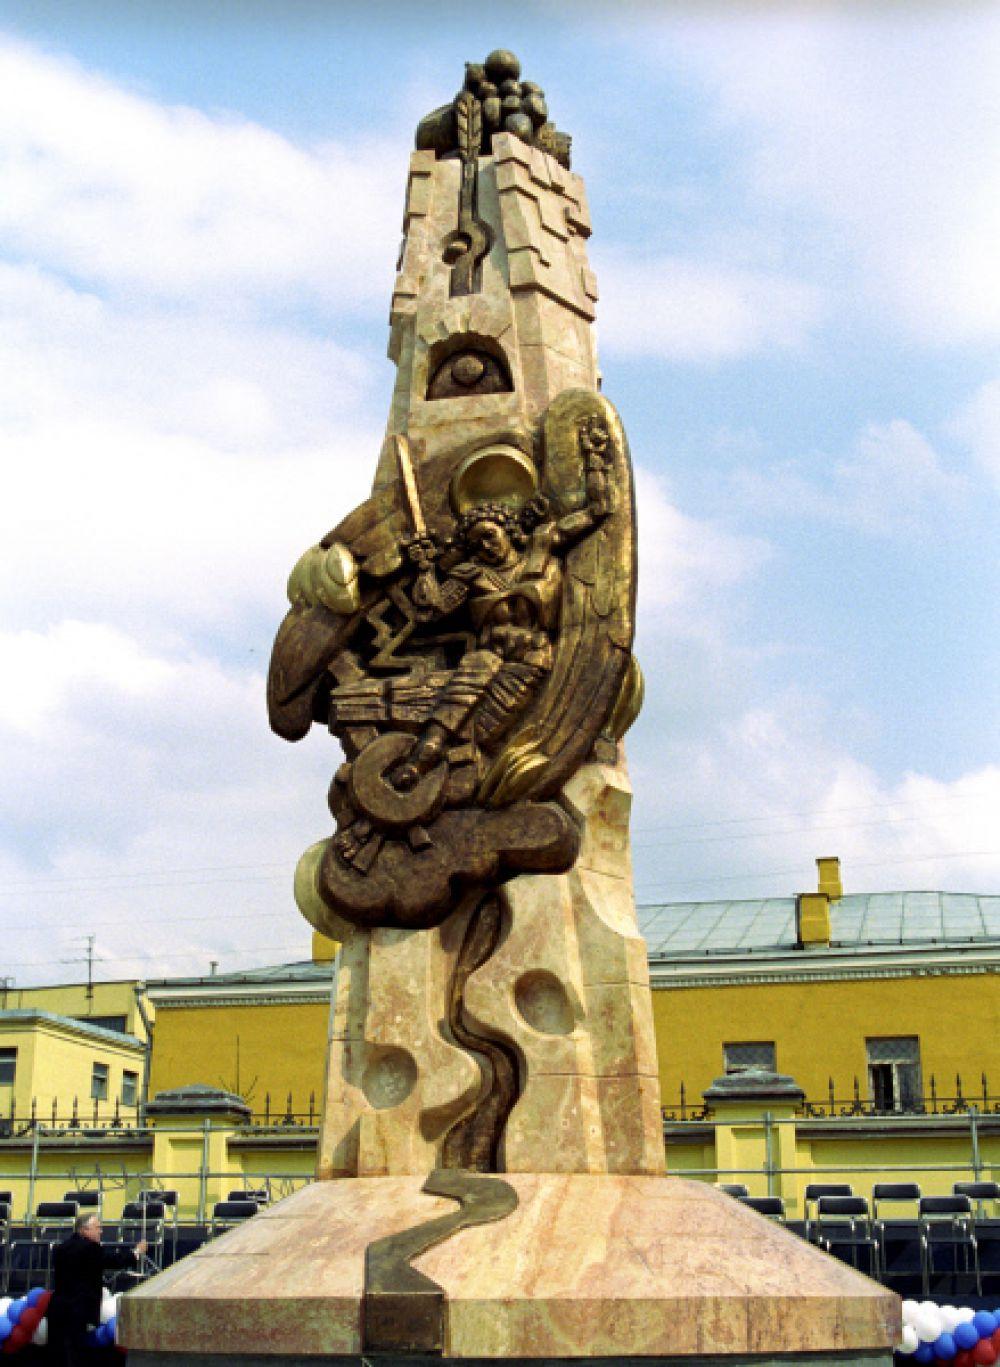 Монумент-памятник «Возрождение», находящийся на Большой Ордынке в Москве, установили в 2000 году как символ новой России, как символ людей на лучшее будущее и перемены. Центральный образ скульптуры - Архангел Михаил, предводитель небесных сил в борьбе со злом.